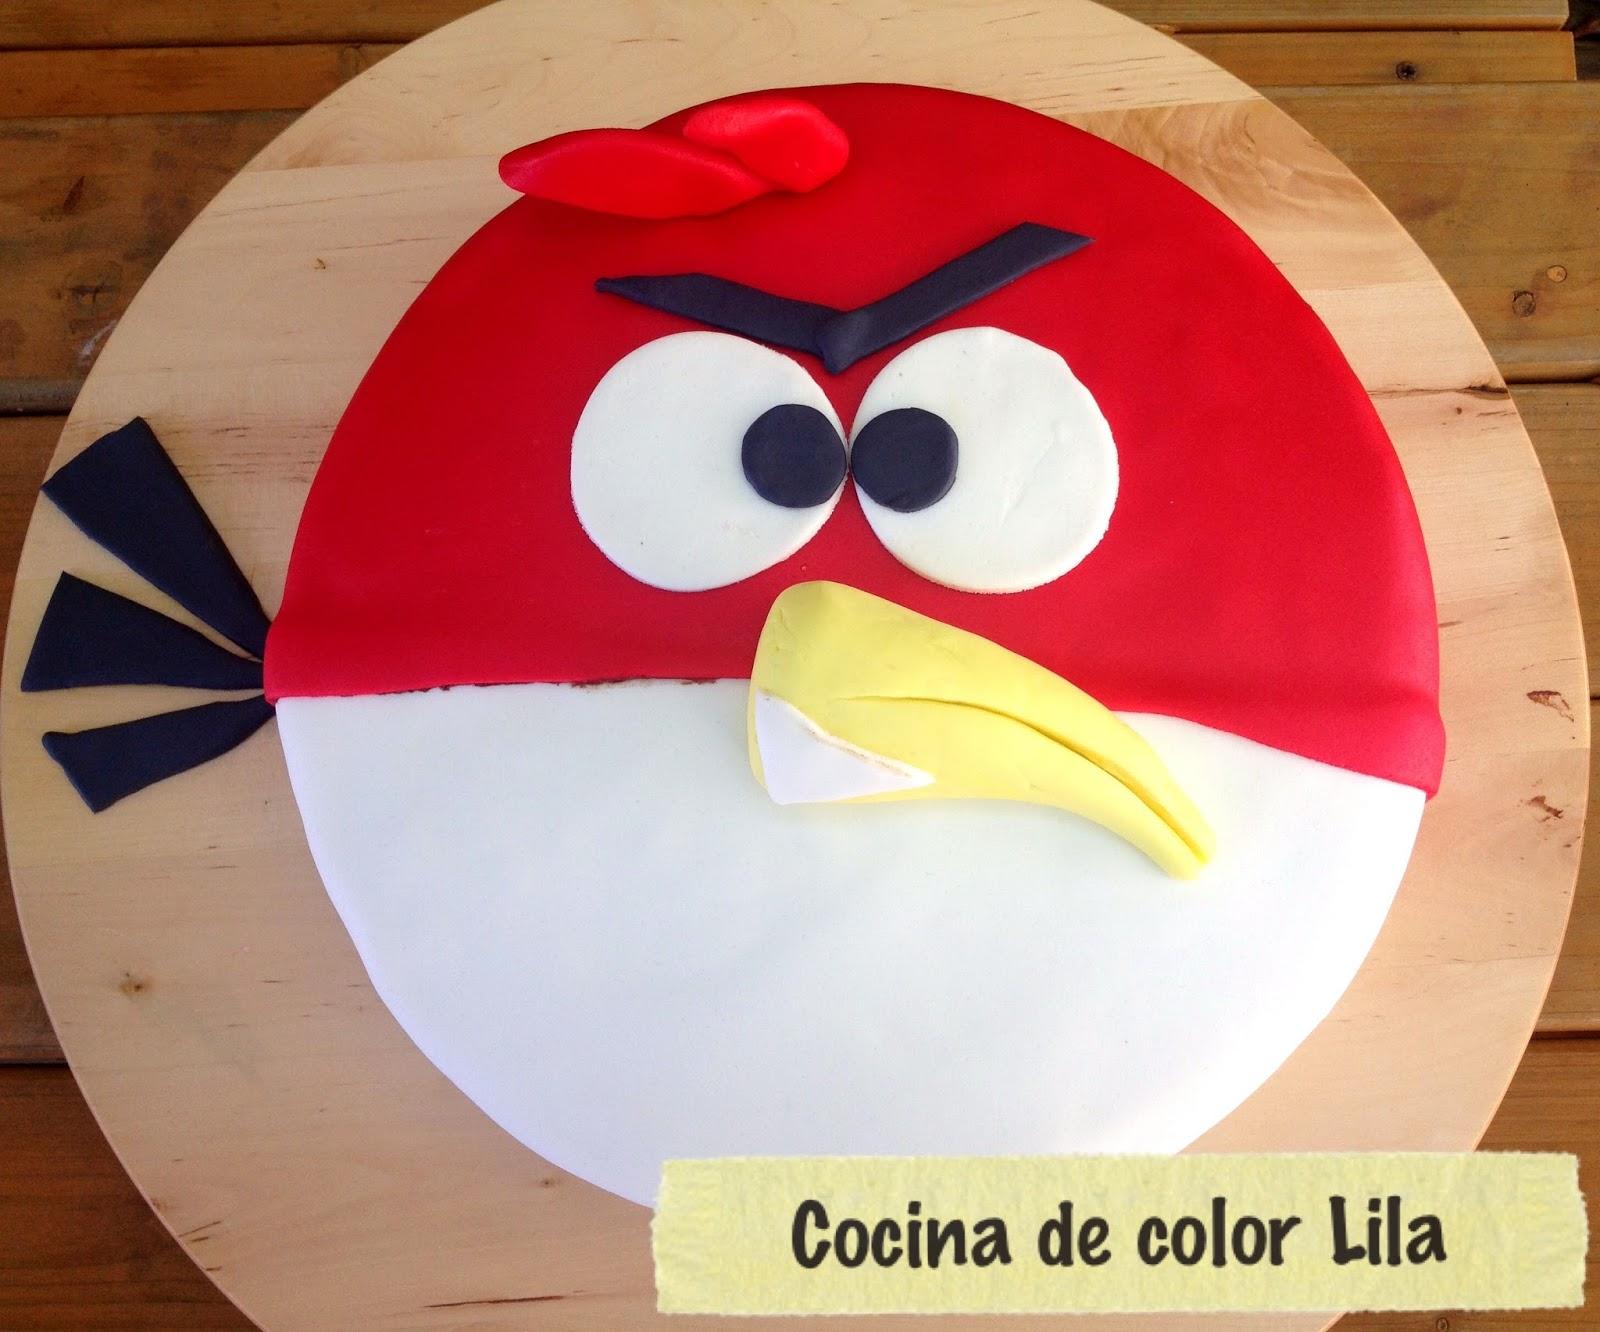 Cocina de color lila tarta angry bird - Cocina color lila ...